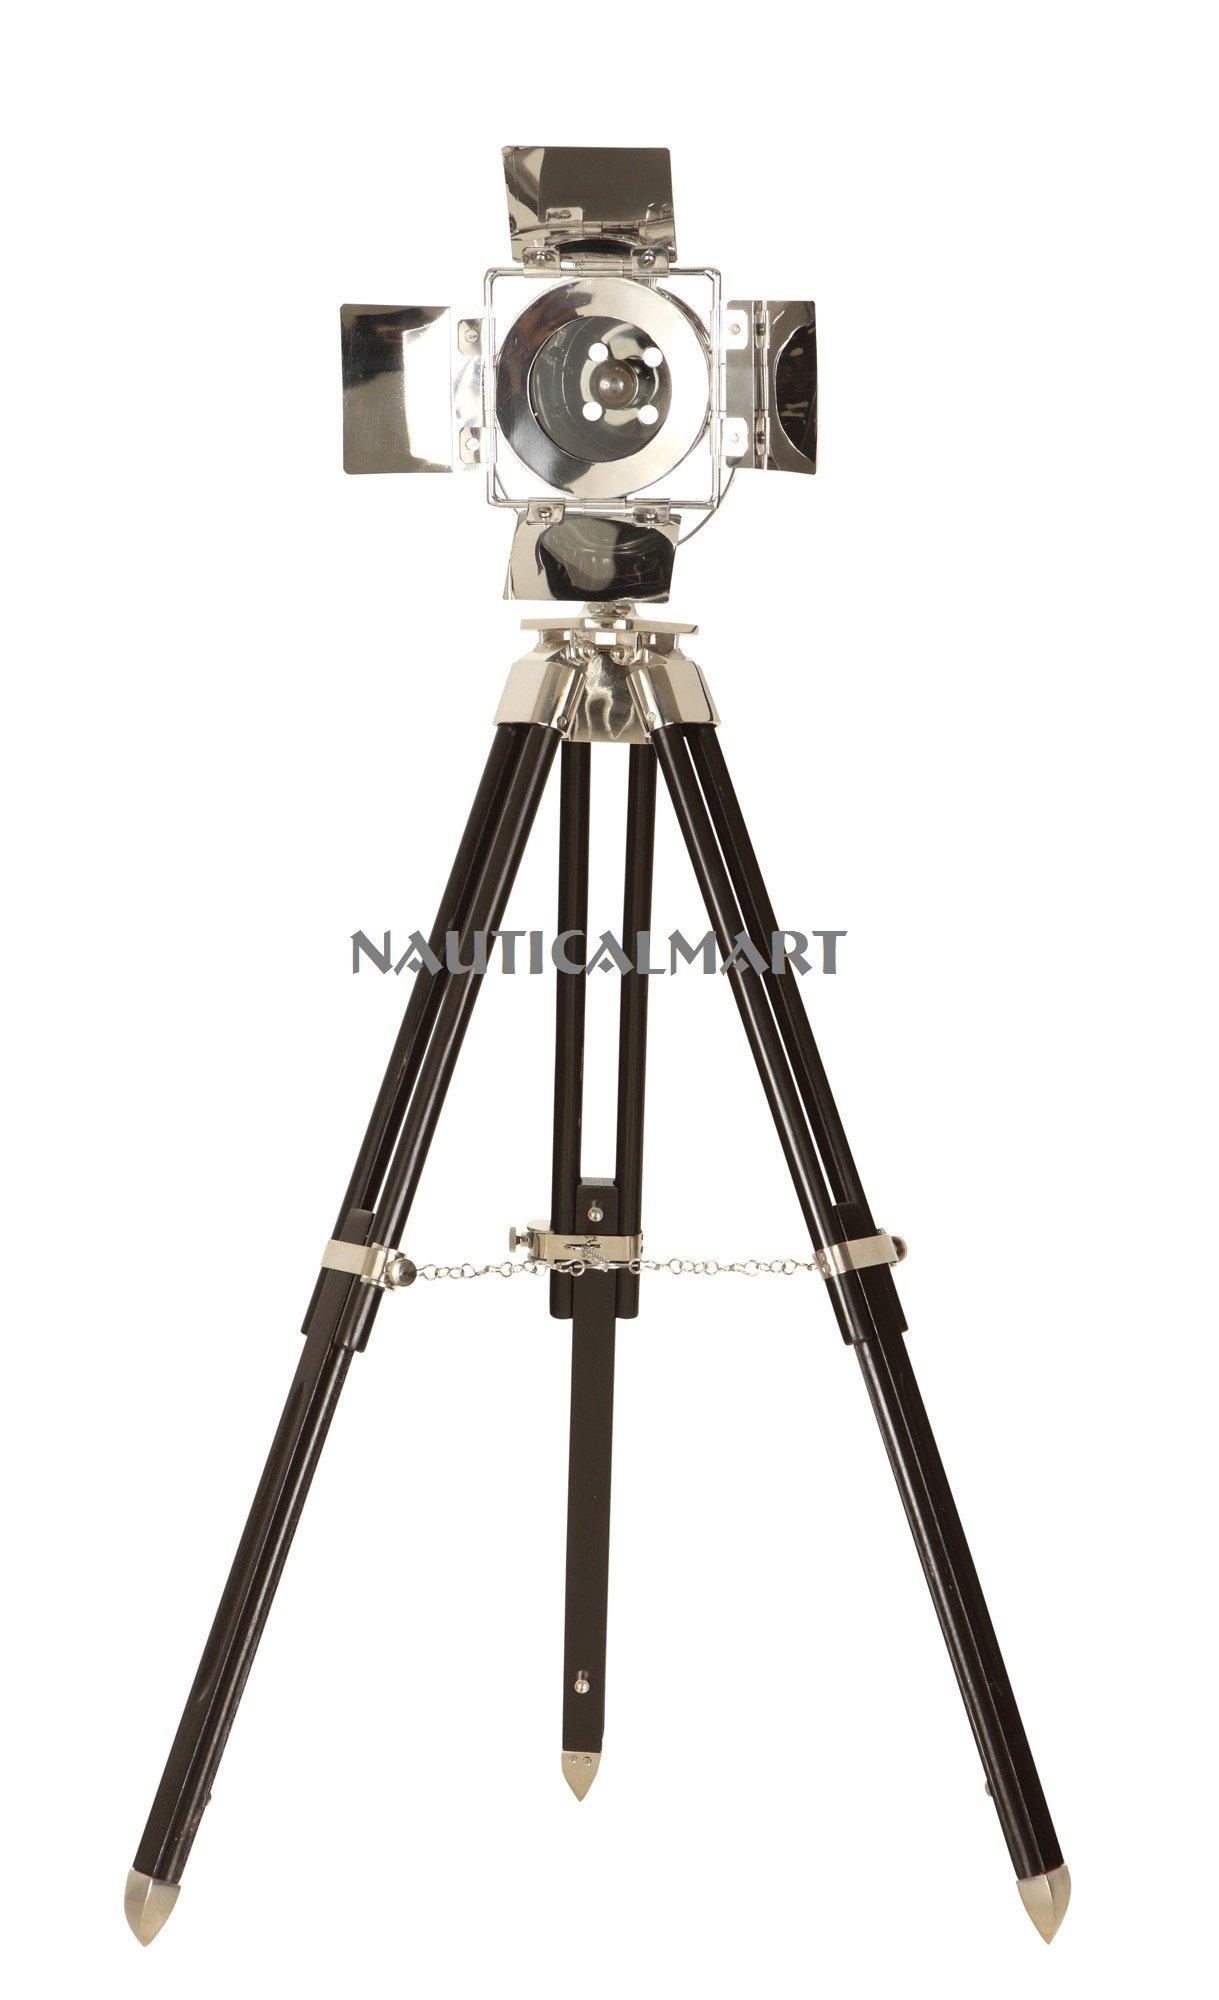 Movie Set Stage Desk Lamp By Nauticalmart